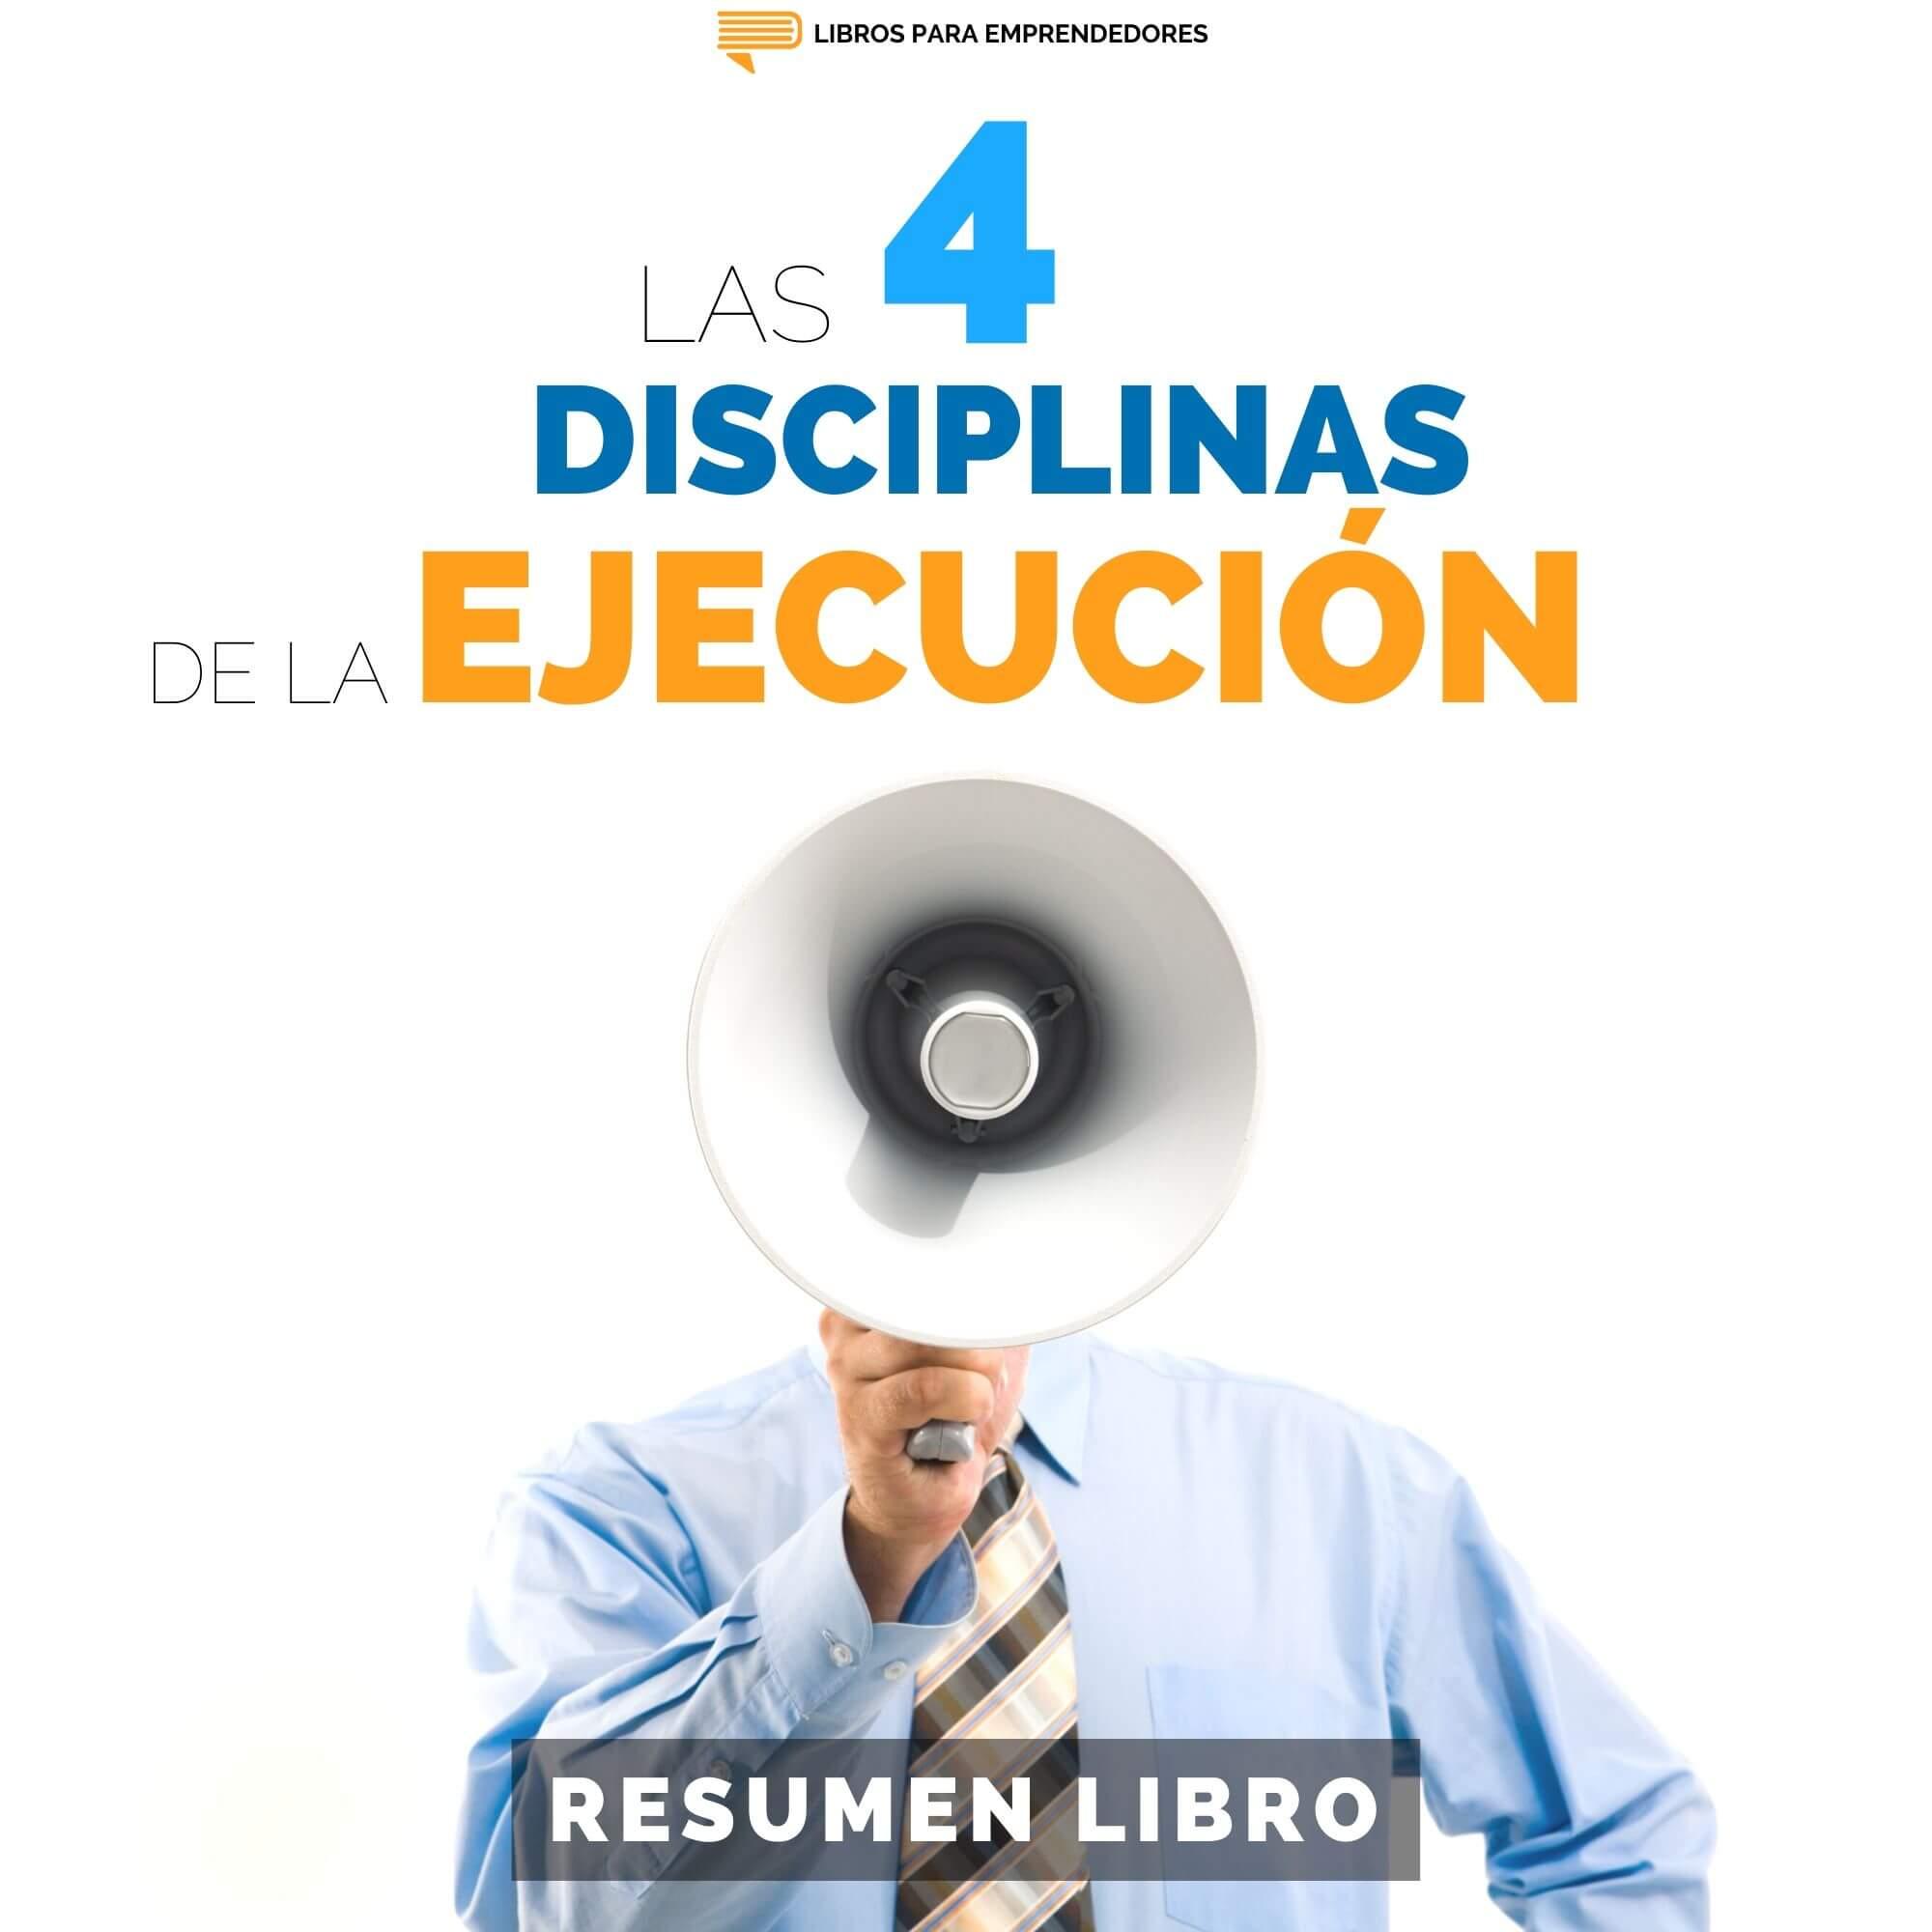 Las 4 Disciplinas de la Ejecución - #138 - Un Resumen de Libros para Emprendedores